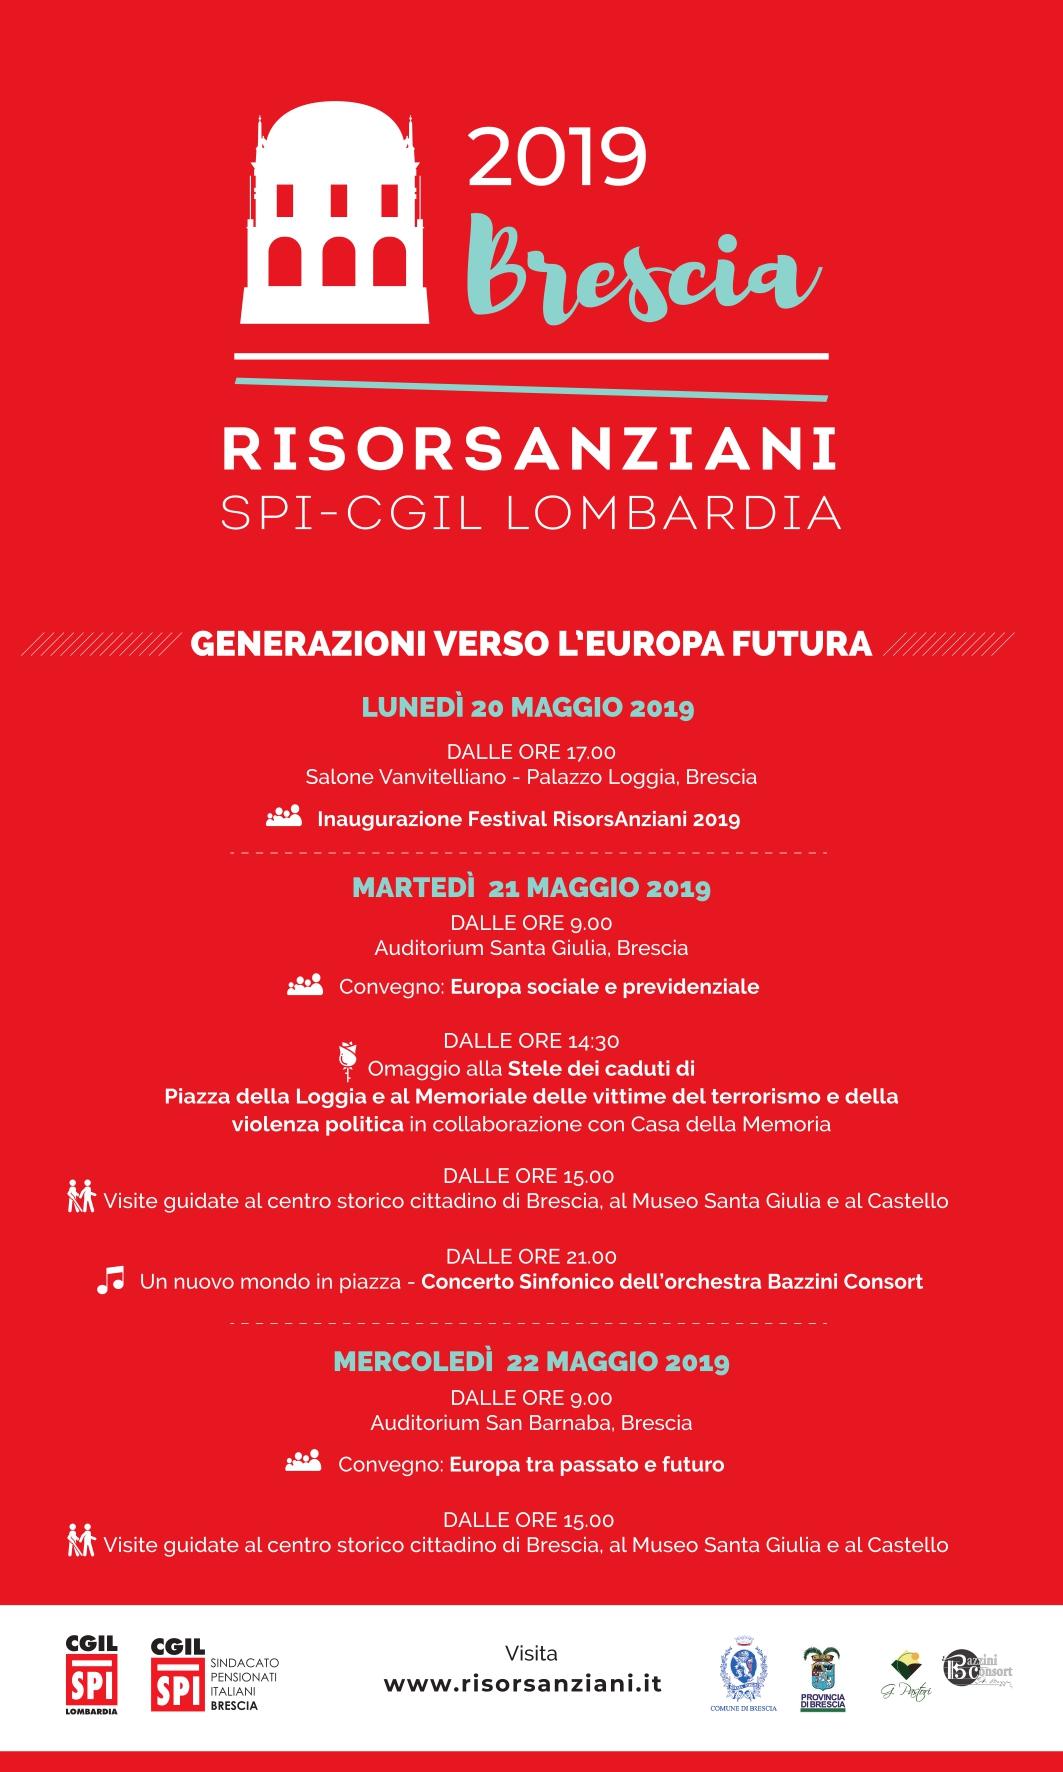 Risorsanziani2 (1)_page-0001(1)